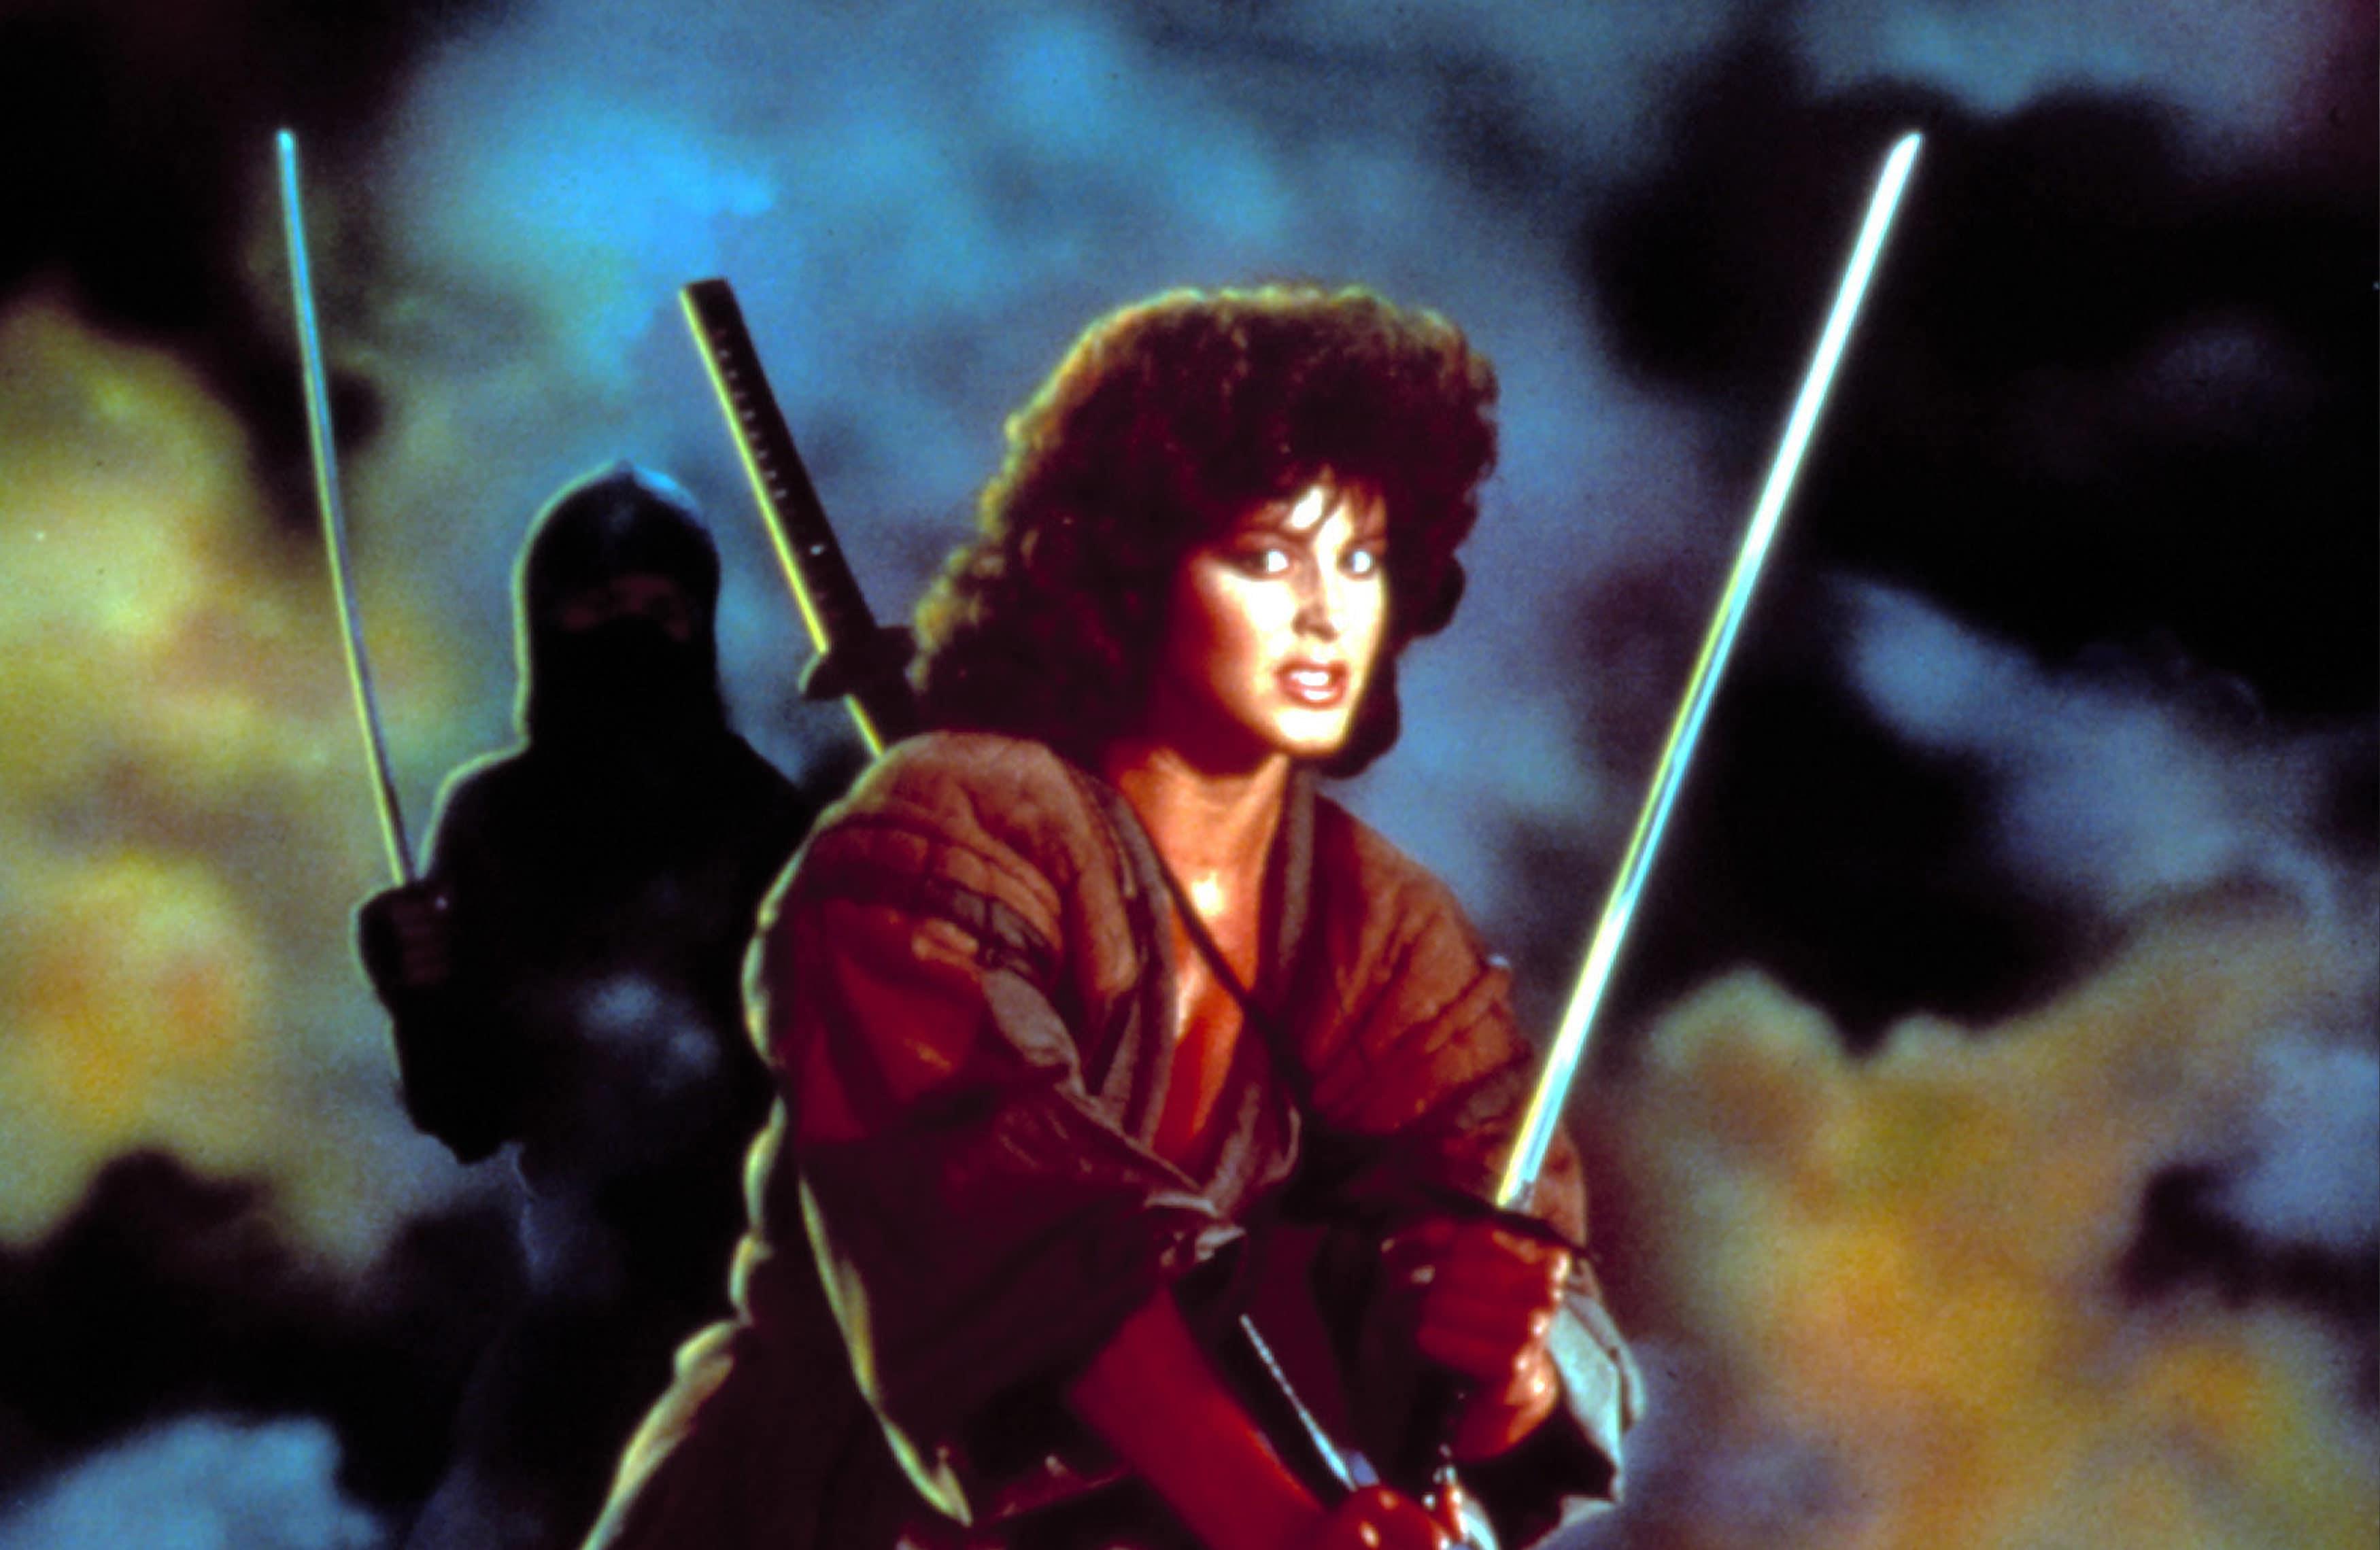 Ninja III--The Domination